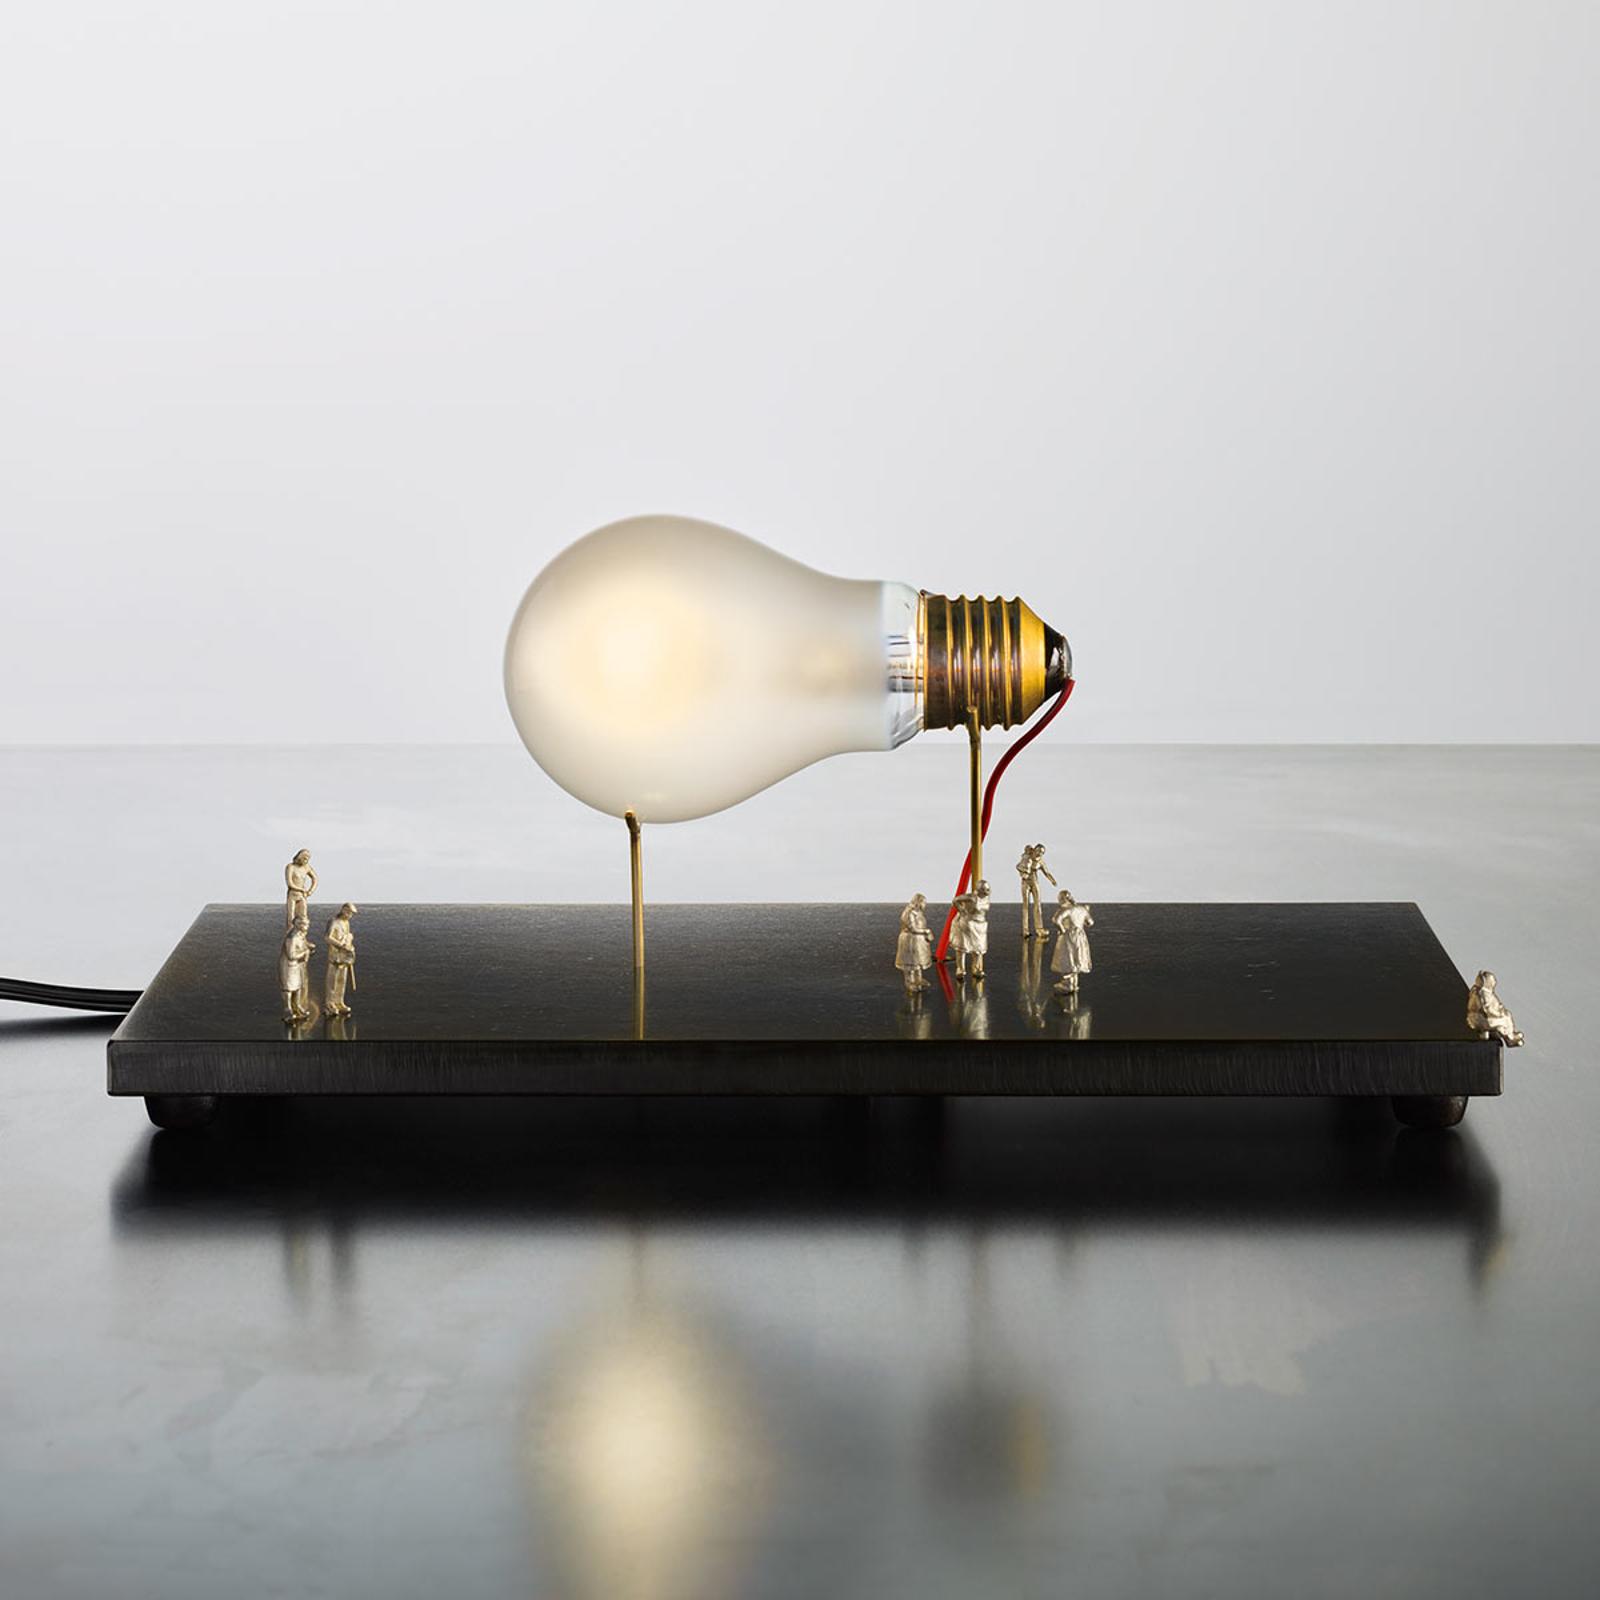 Tafellamp I Ricchi Poveri Monument for a Bulb